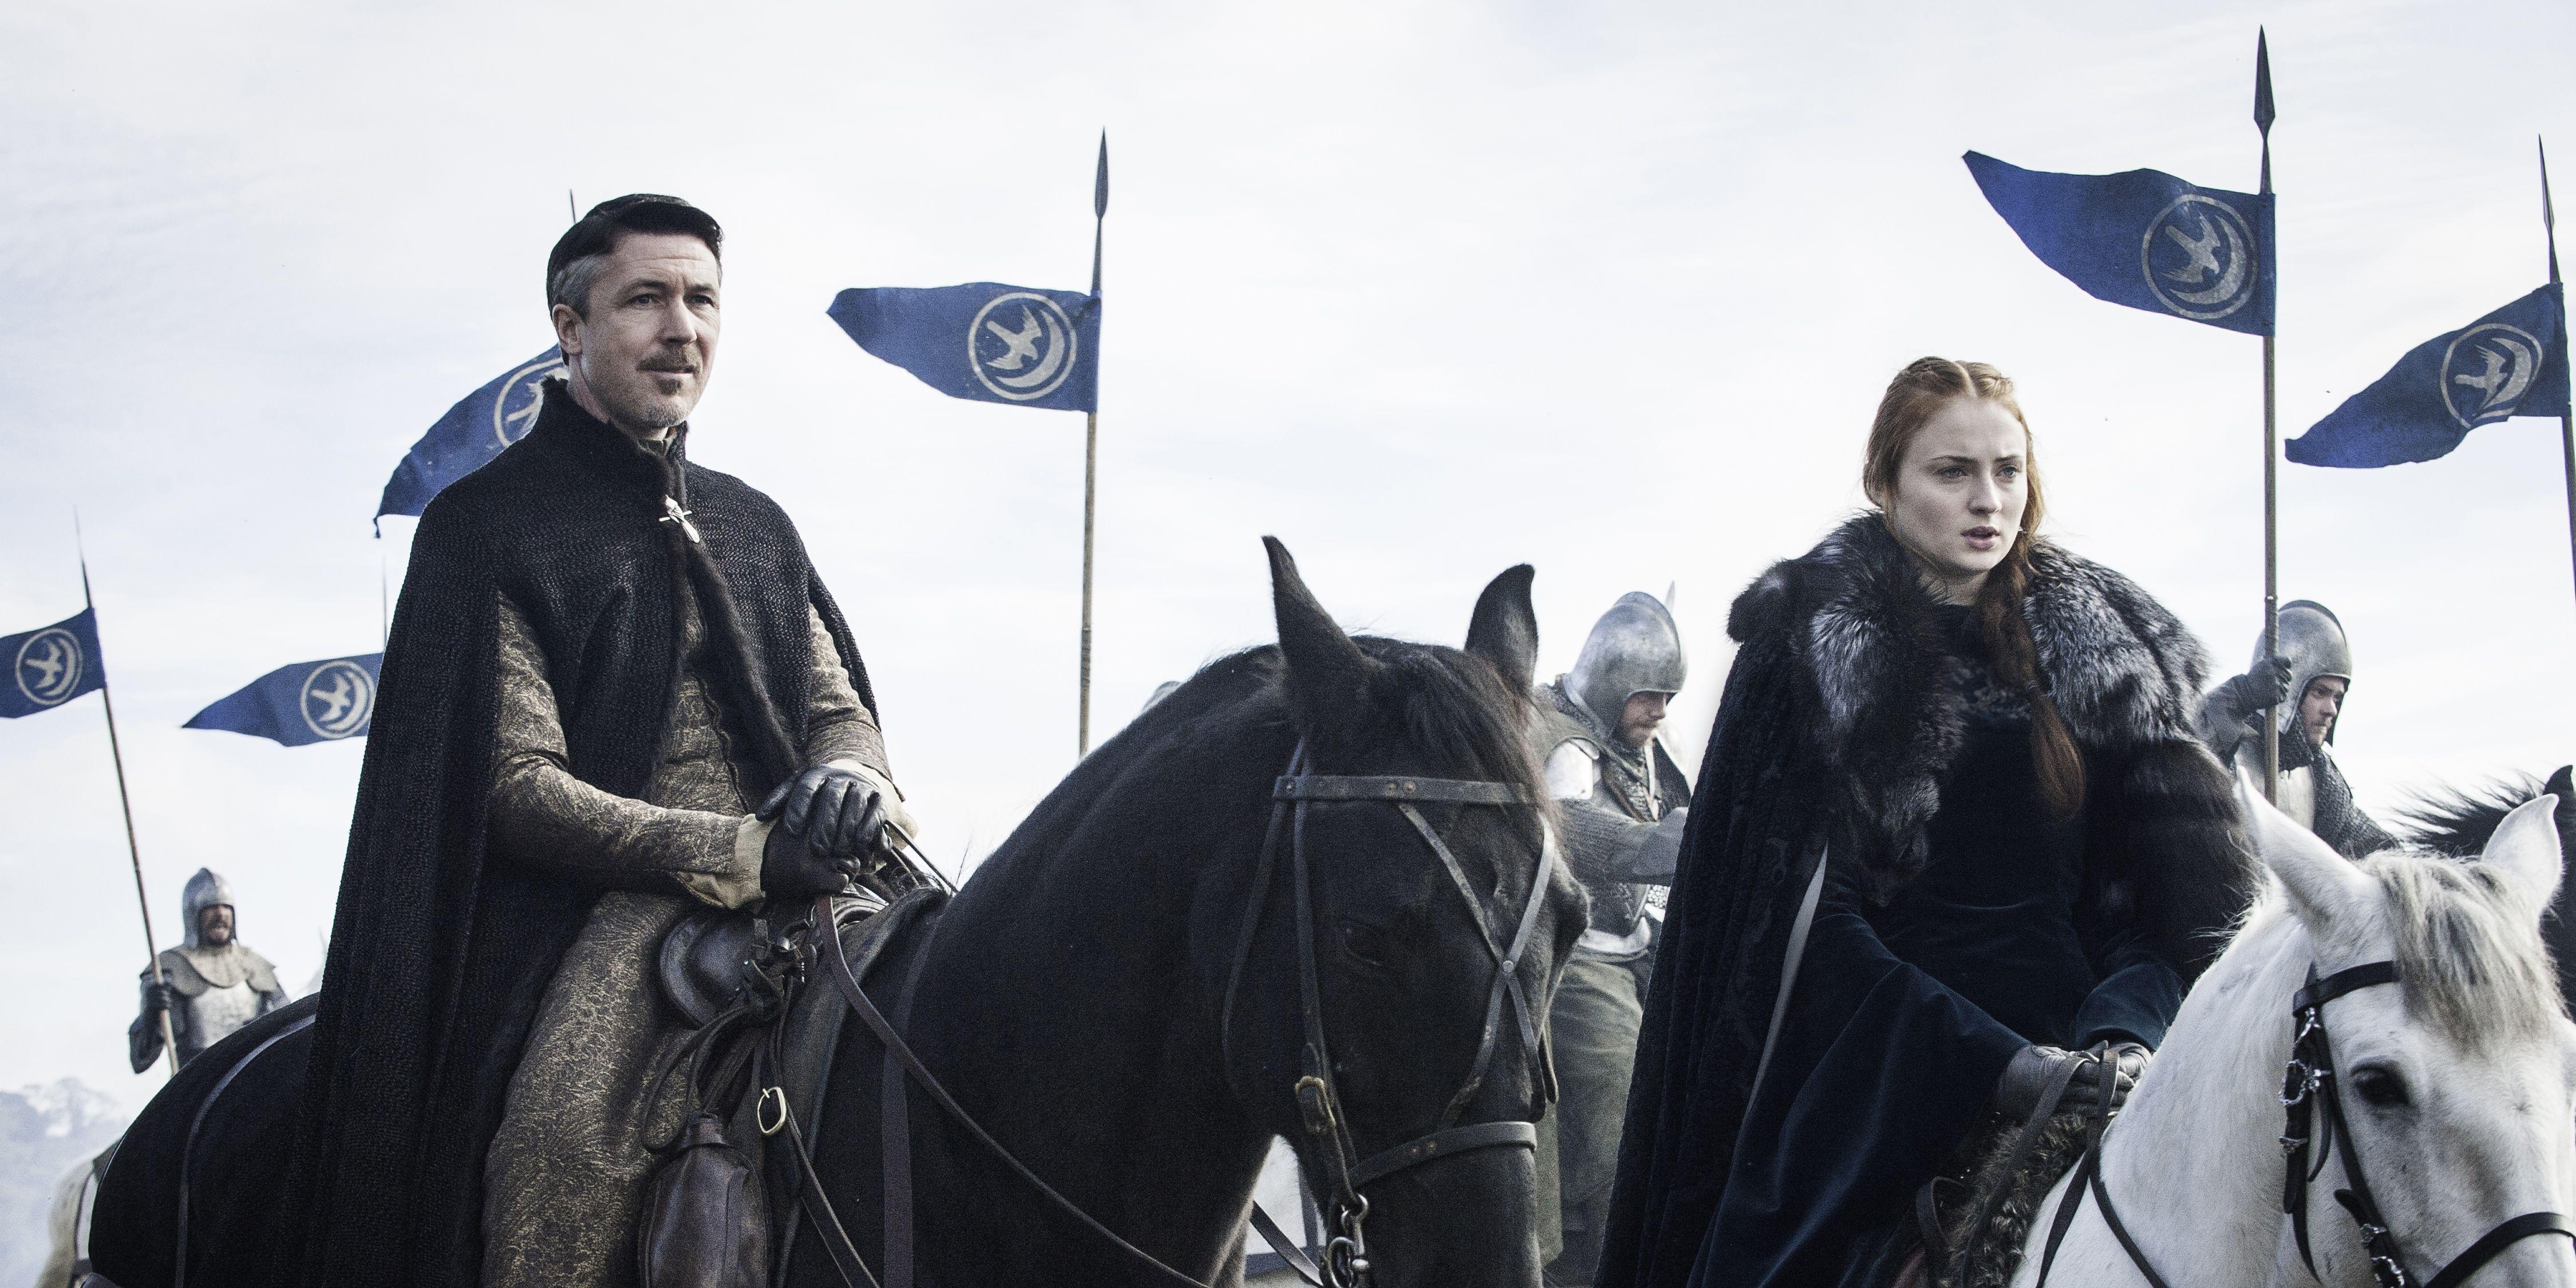 Littlefinger and Sansa in Game of Thrones s06e09, 'Battle of the Bastards'